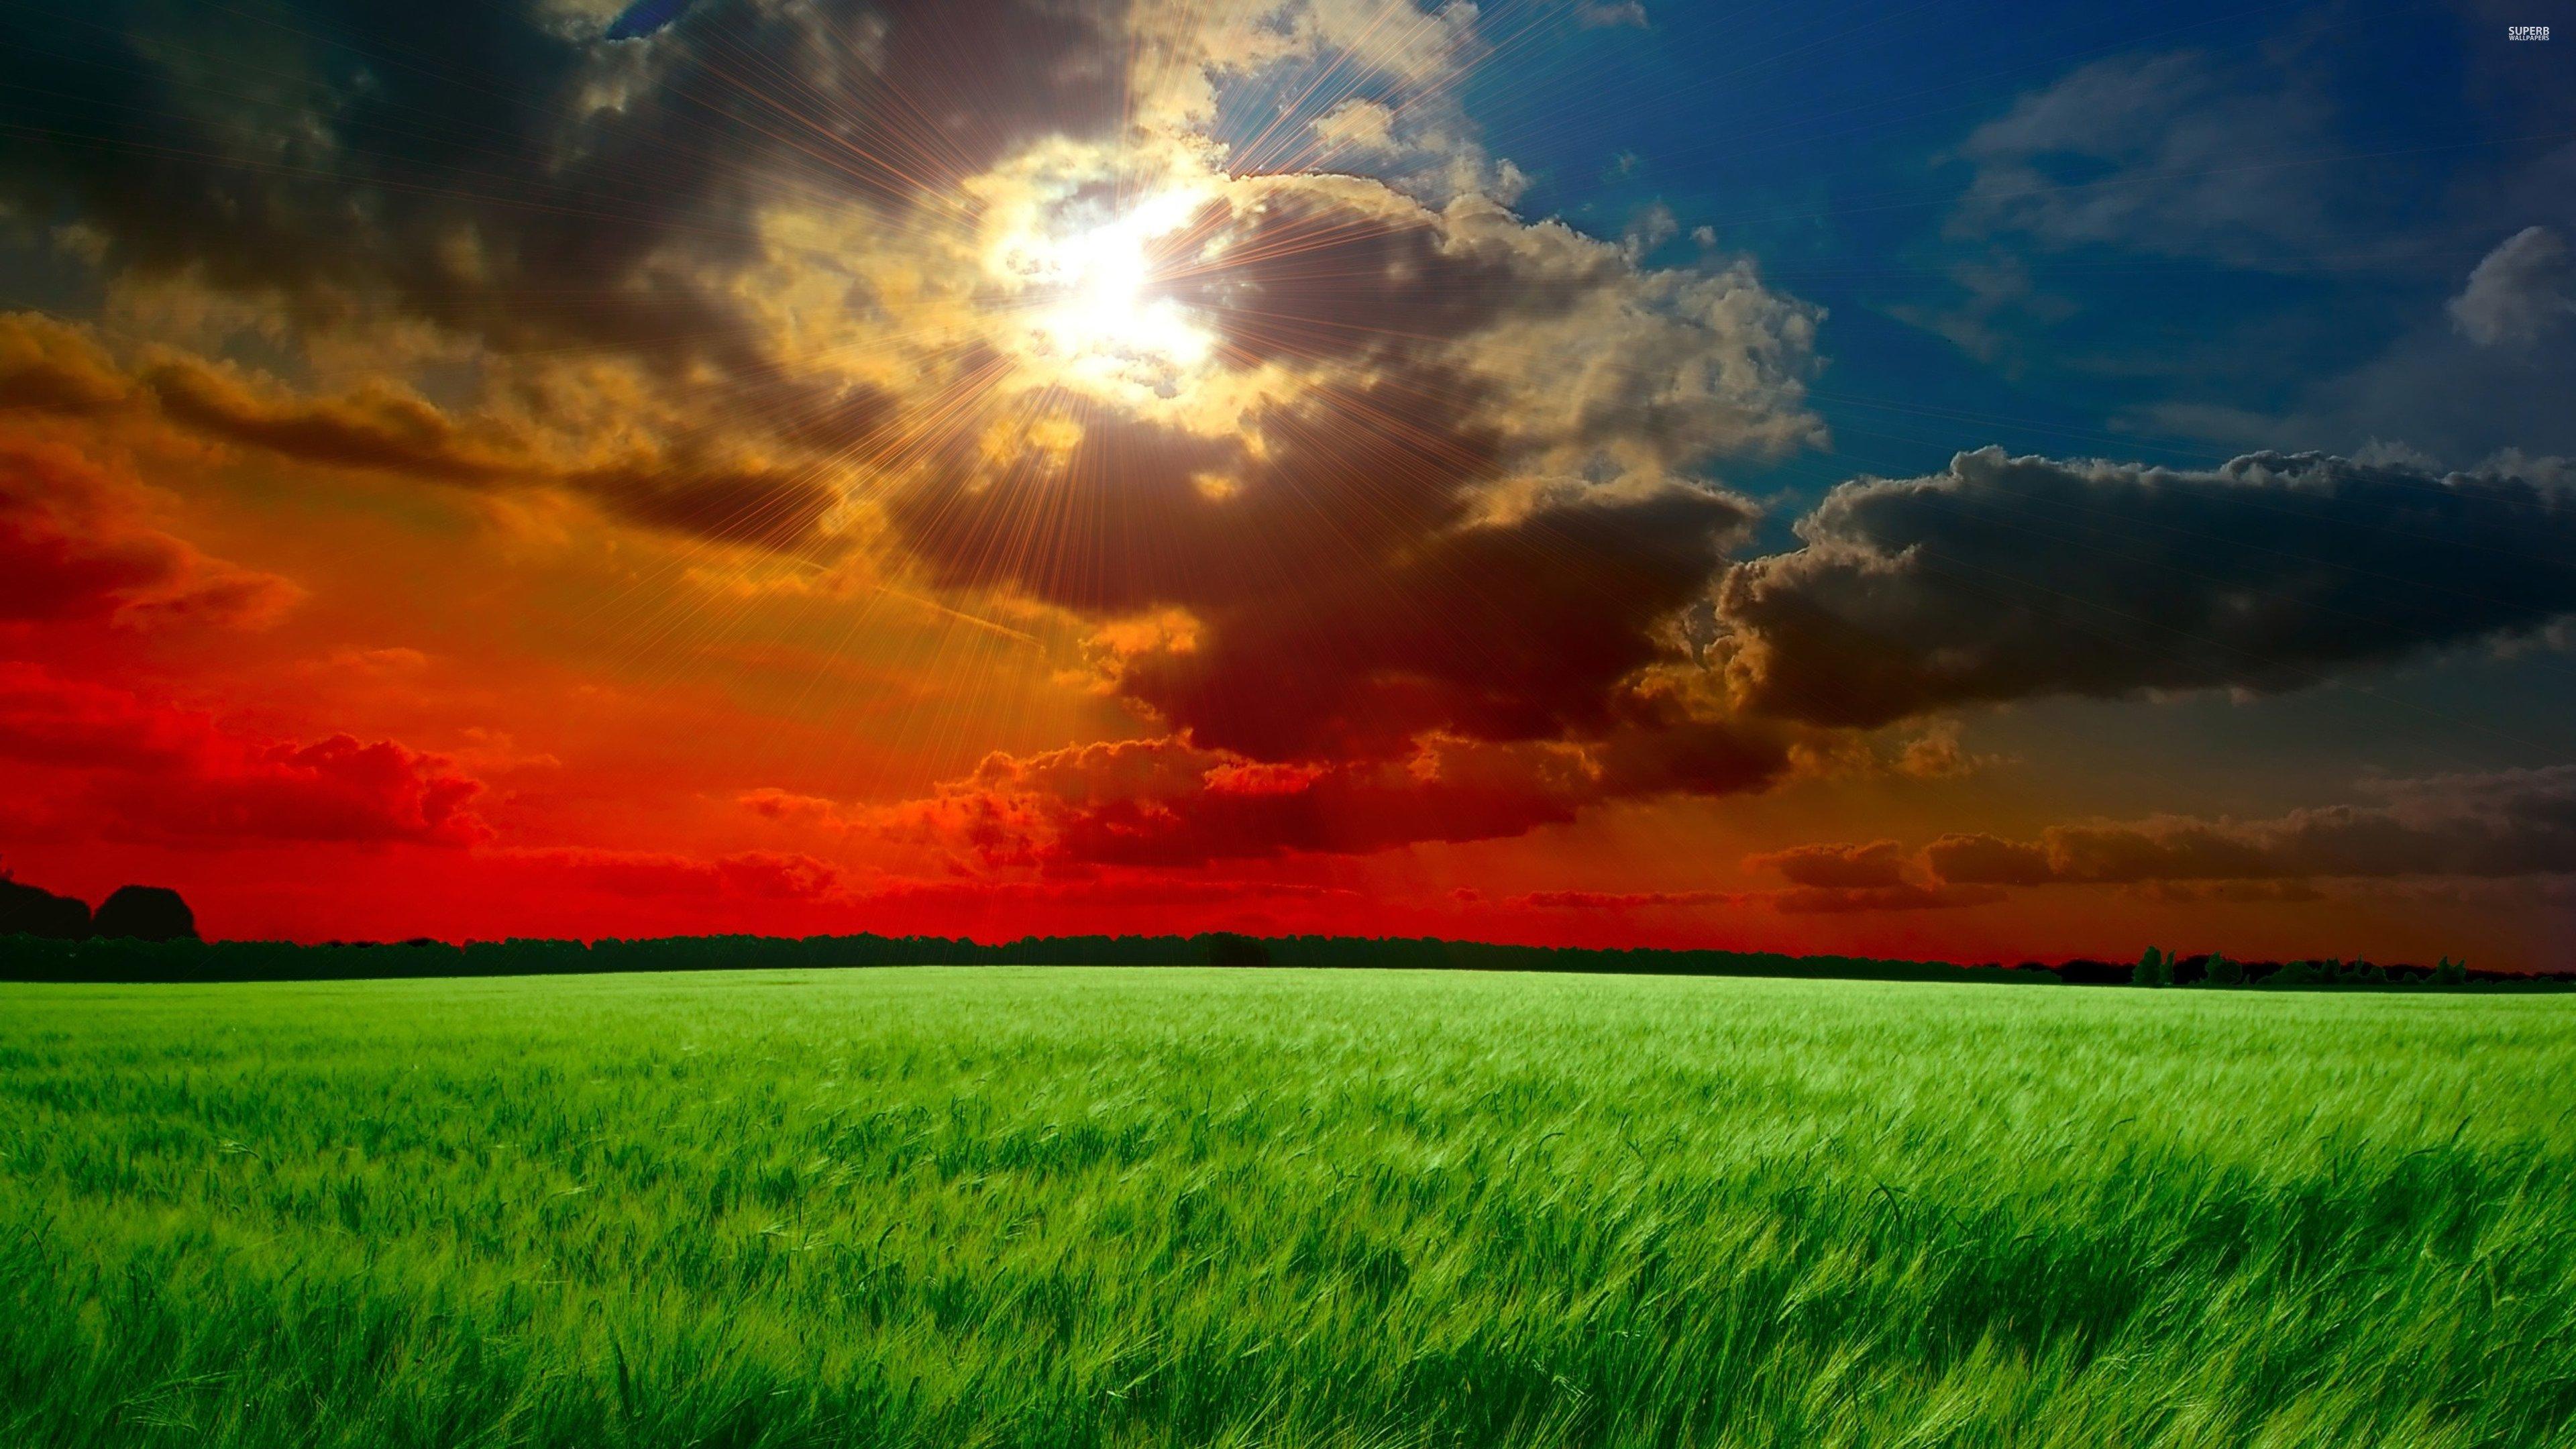 Green field 17854 3840x2160 wallpaper 3840x2160 317485 3840x2160